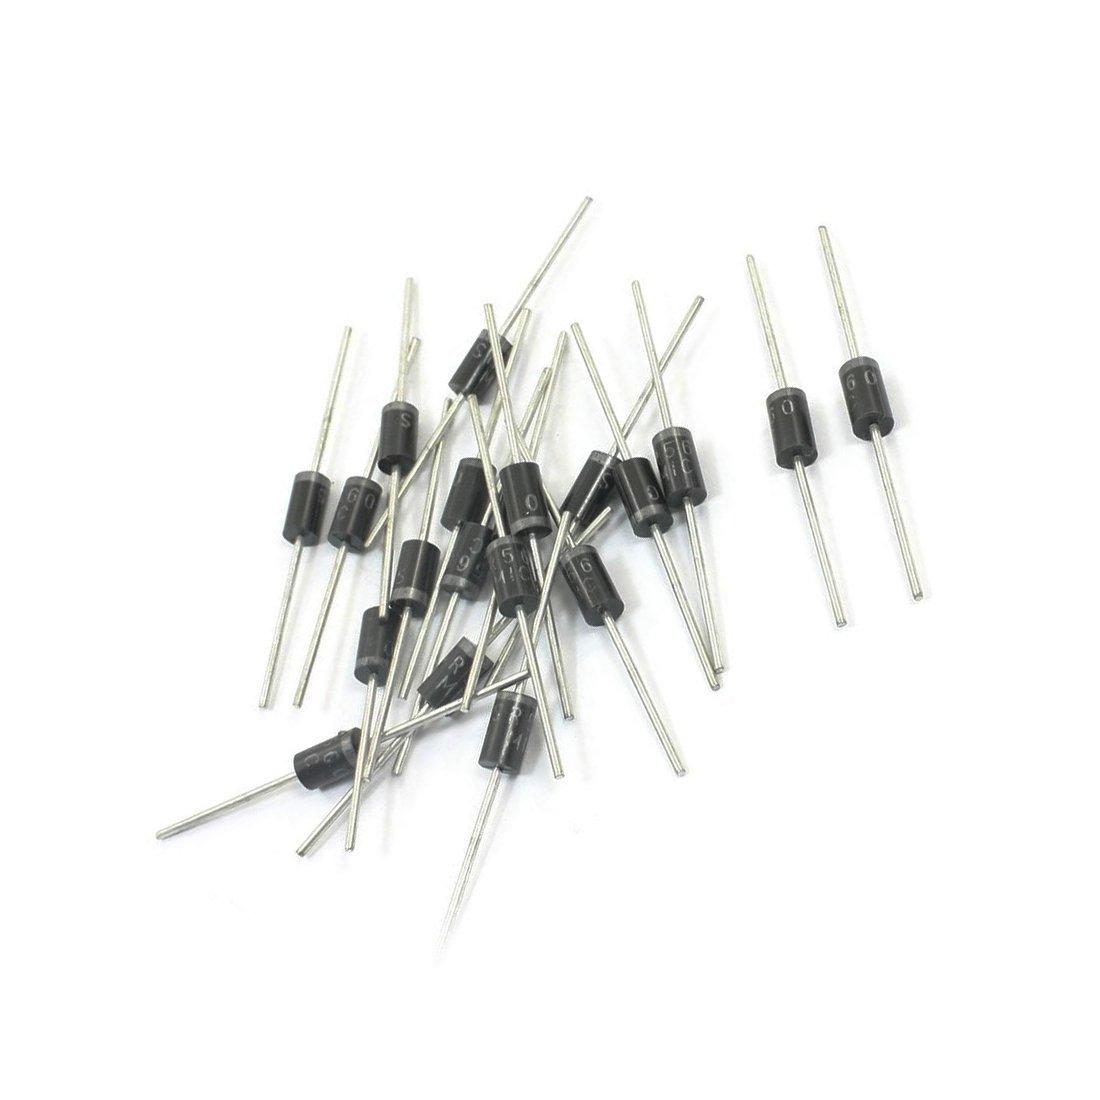 Gaoominy 20 Stueck Durchgangsbohrung Montage Schottky-Diode Barrier Gleichrichterdiode 60V 5A SR560